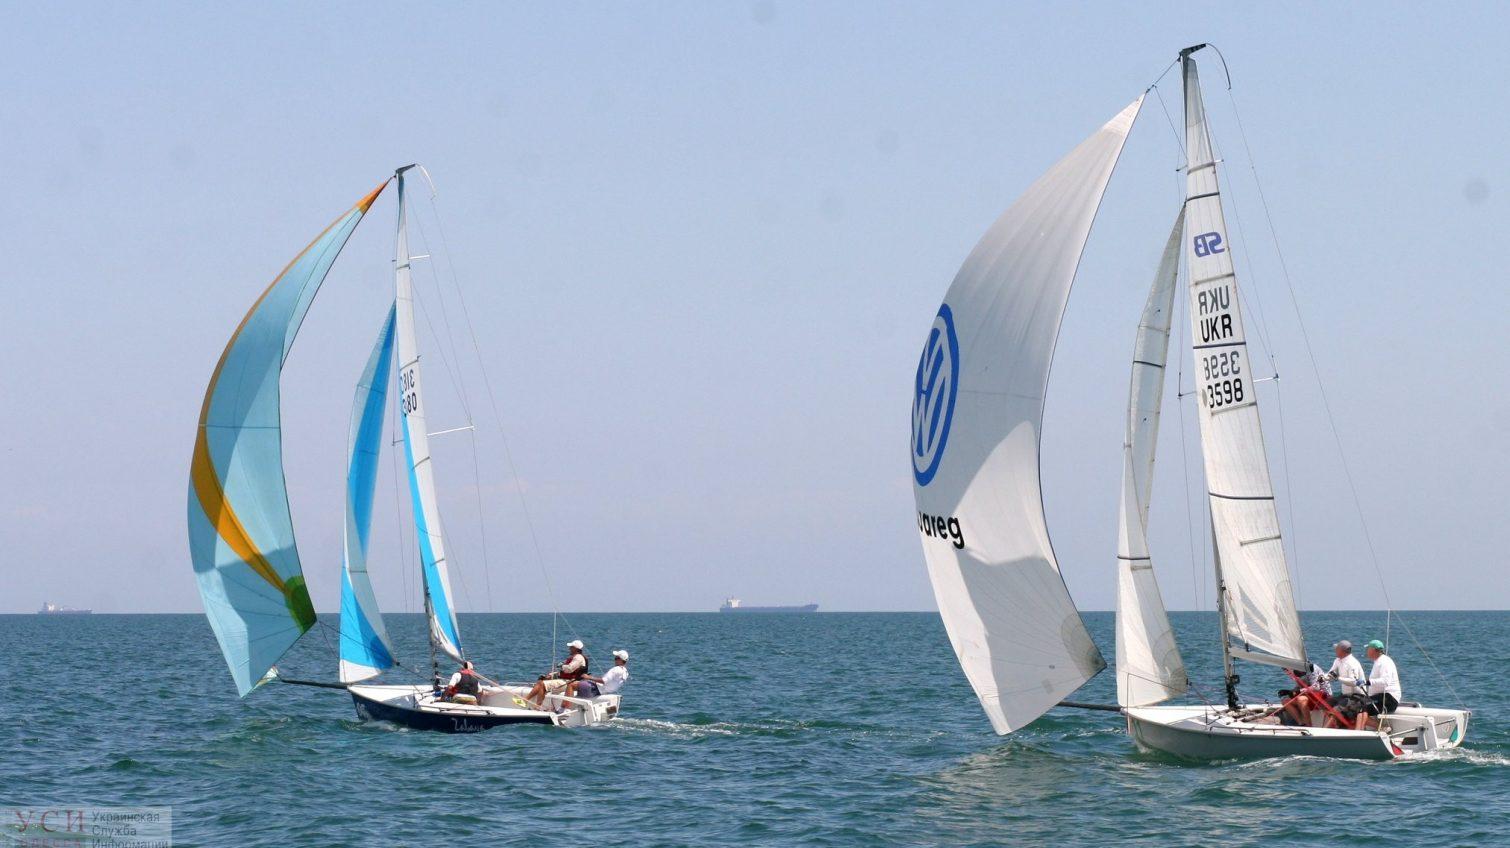 Одесский яхт-клуб продают: яхтсмены опасаются исчезновения парусного спорта в городе «фото»